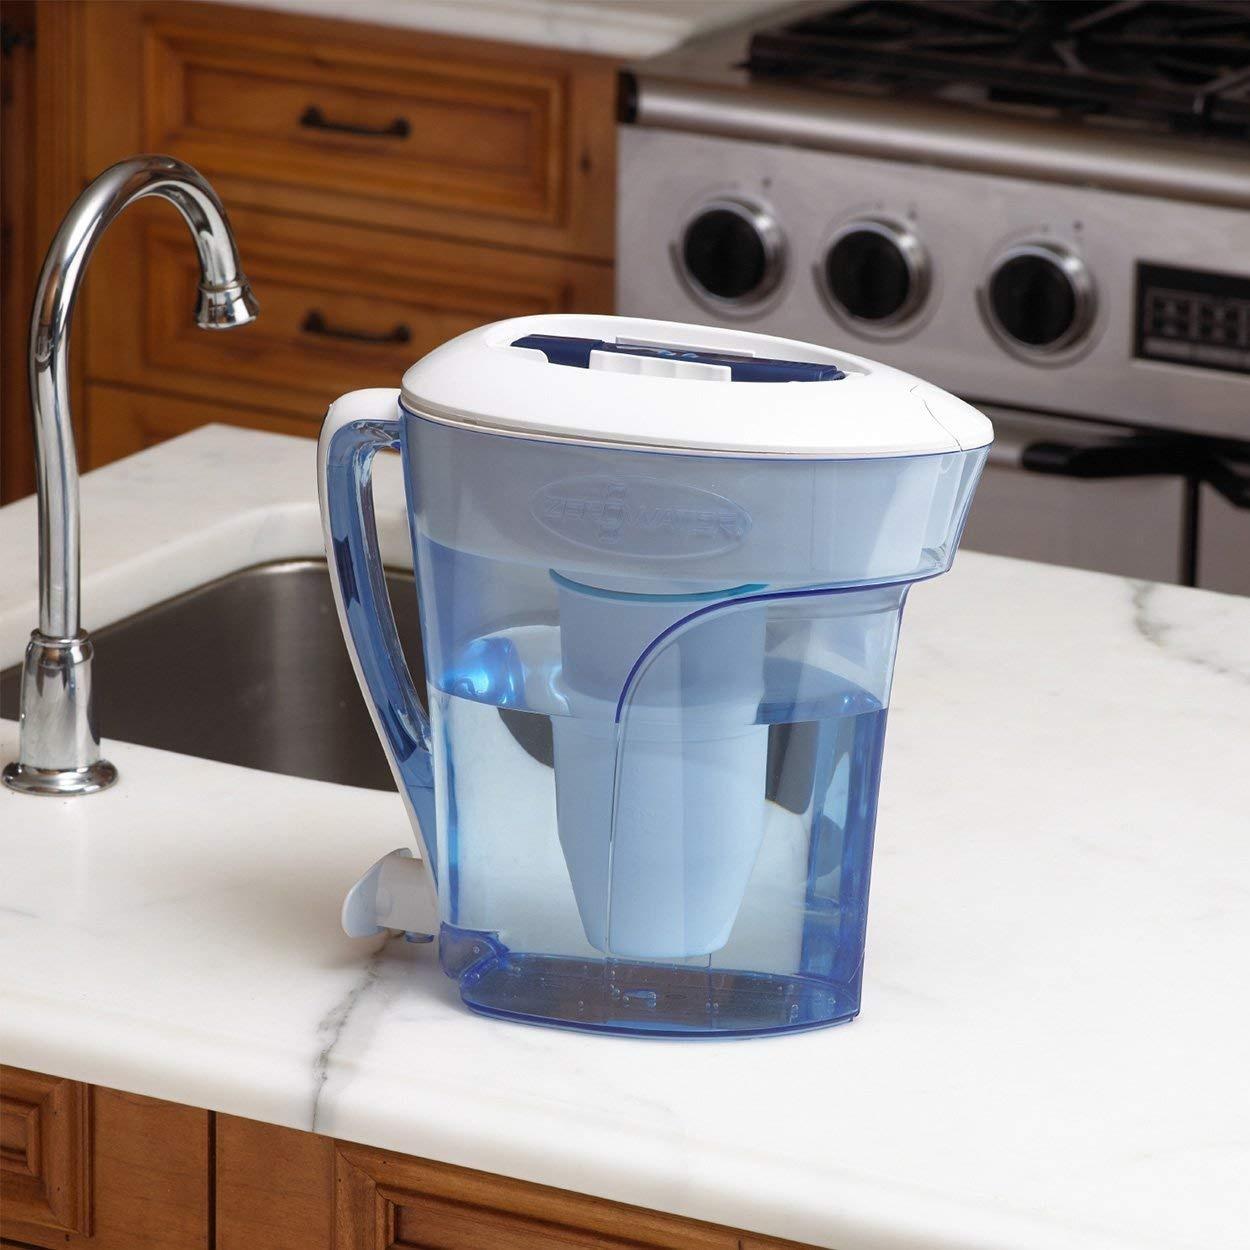 Zero Water Kitchen: Buy Online from Fishpond.com.hk